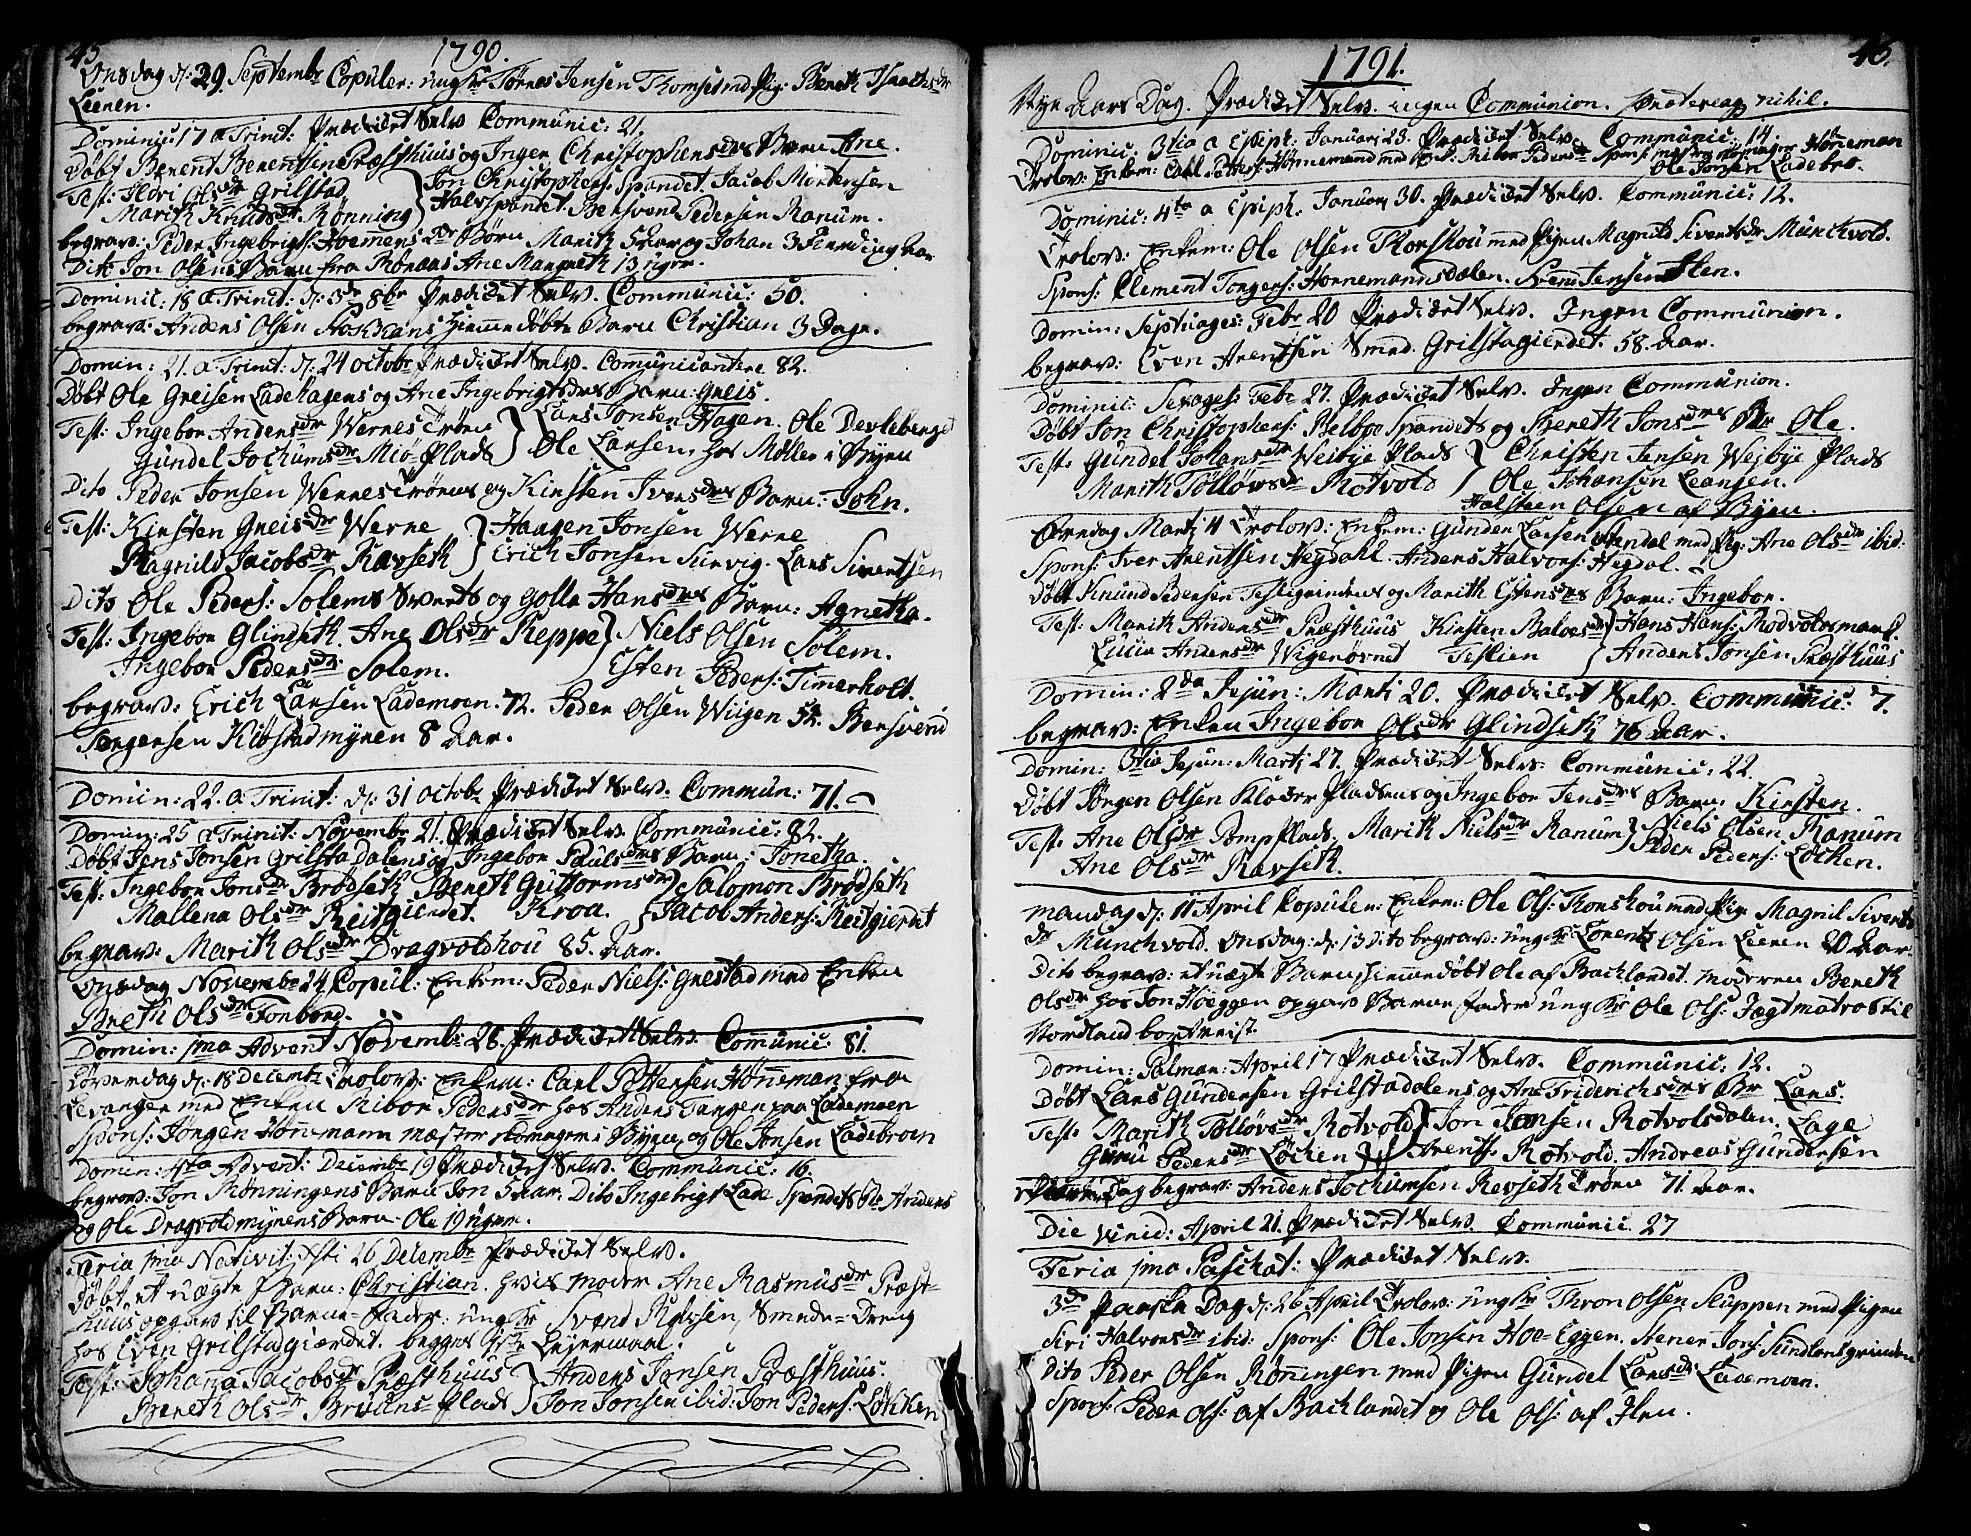 SAT, Ministerialprotokoller, klokkerbøker og fødselsregistre - Sør-Trøndelag, 606/L0280: Ministerialbok nr. 606A02 /1, 1781-1817, s. 45-46